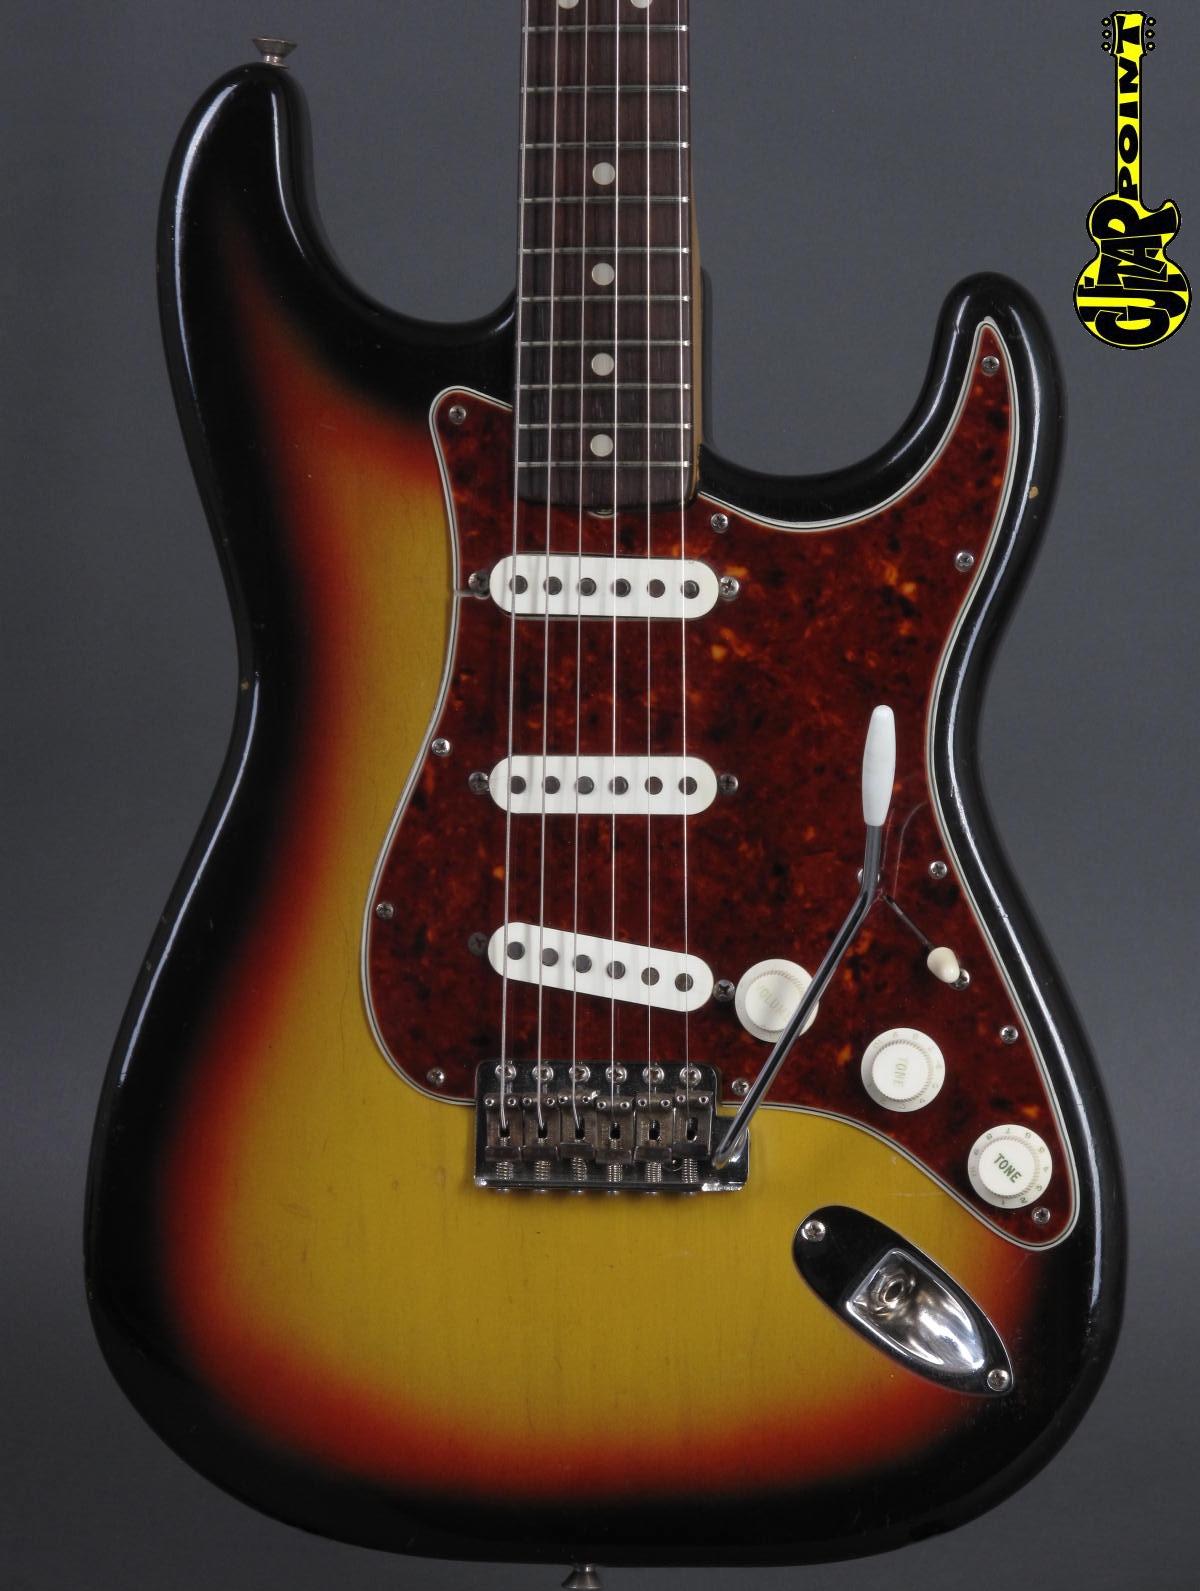 1965 Fender Stratocaster - 3t-Sunburst ...rare Tortoise guard + lightweight !